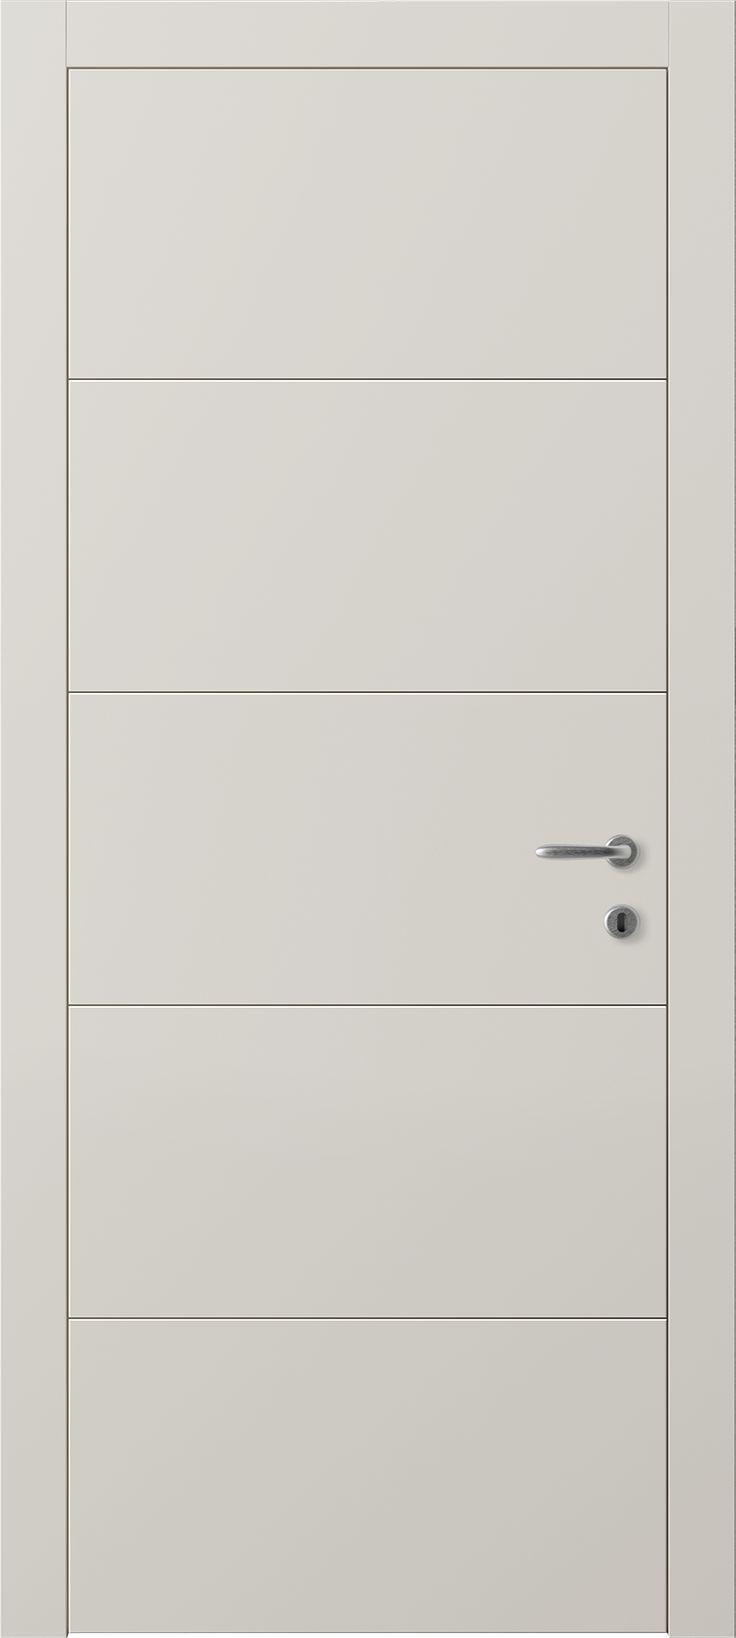 Межкомнатные двери Linea. Новинка! Направление Массив. На нашем сайте Вы сами сможете выбрать материал цвет и фурнитуру двери, которые станут украшением любого интерьера.